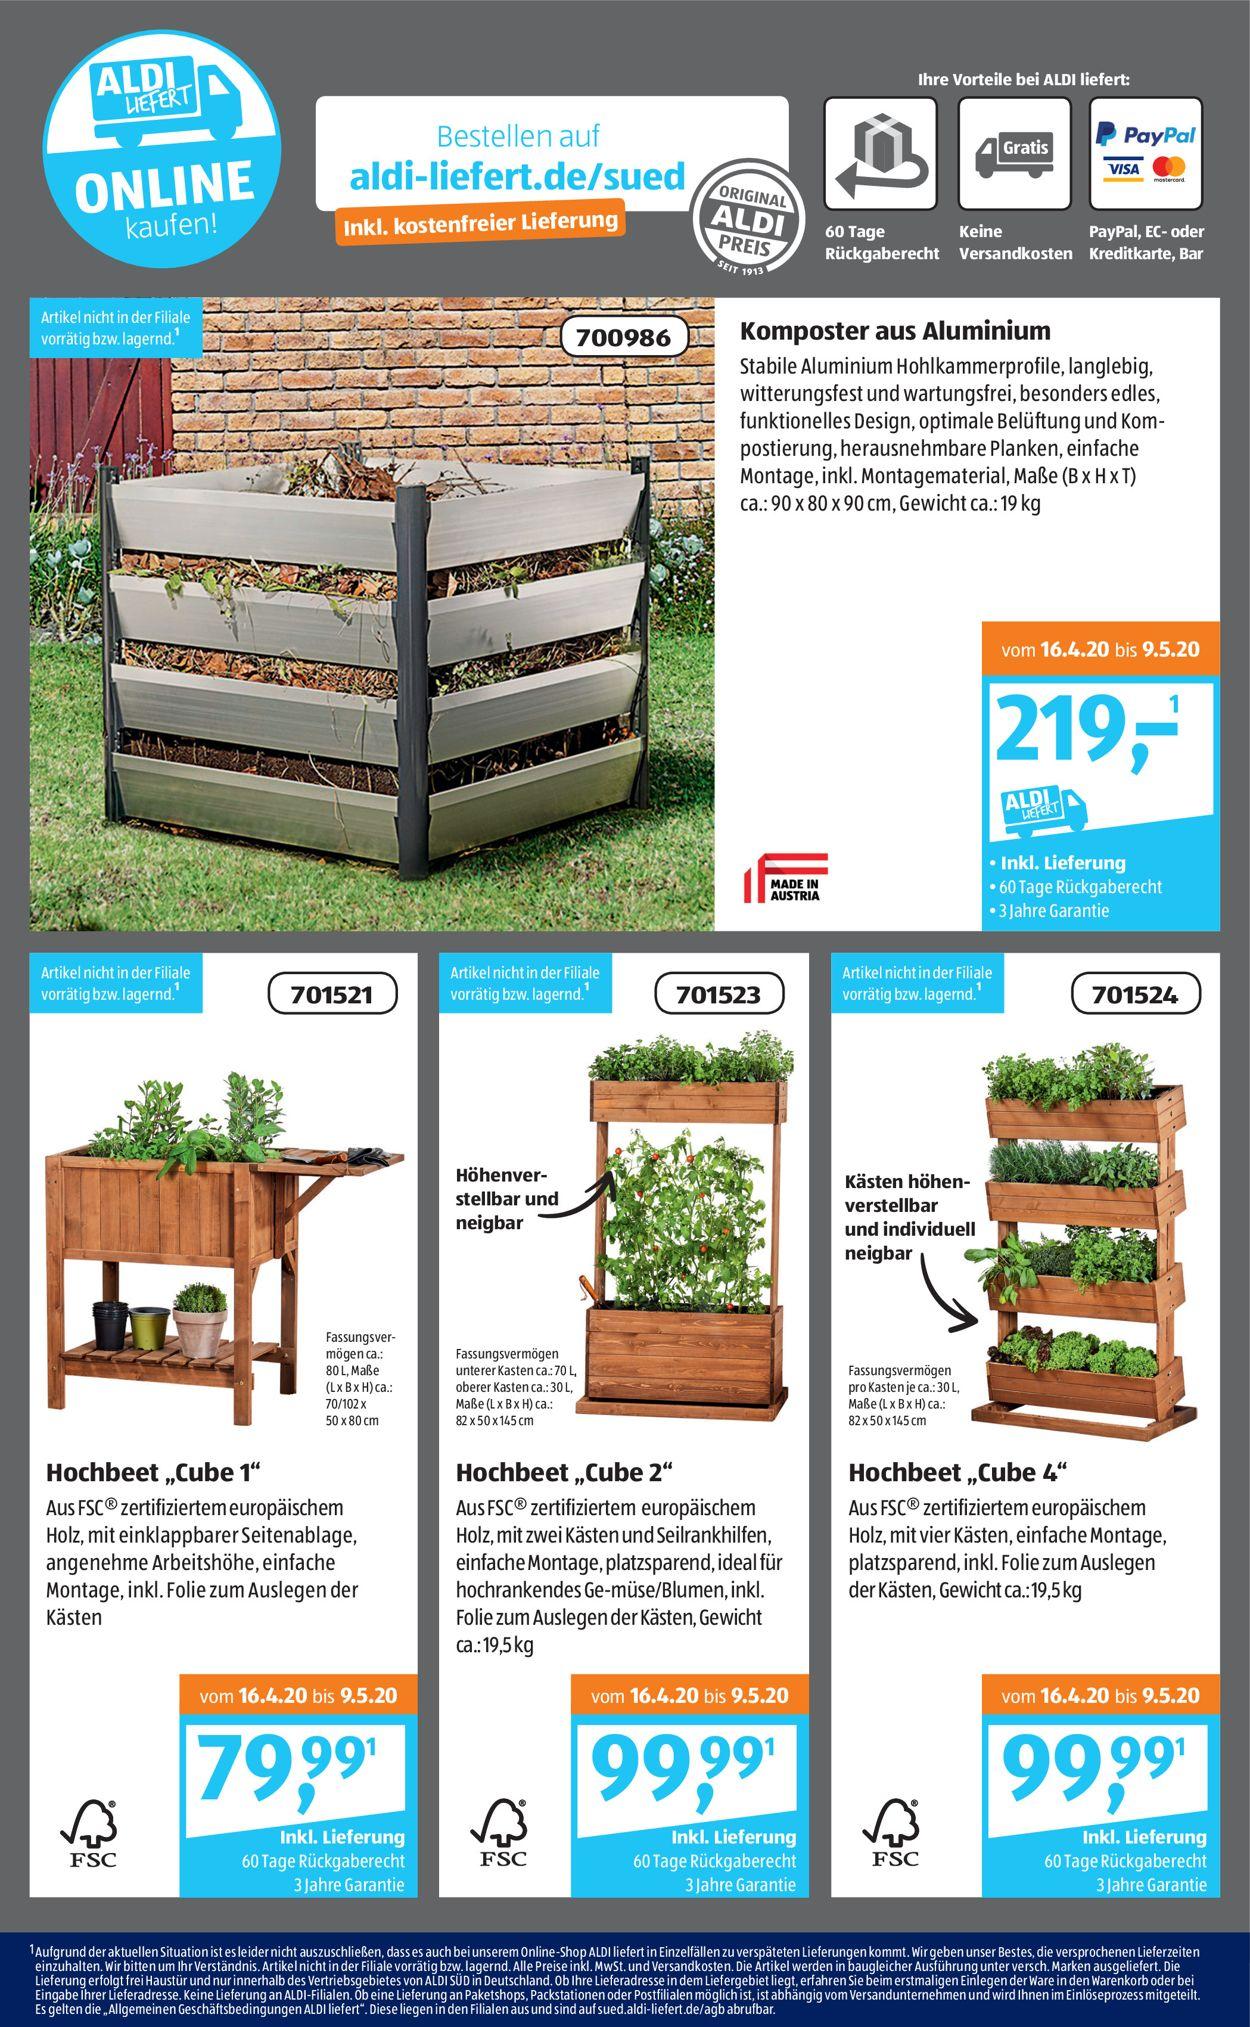 Full Size of Aldi Sd Aktueller Prospekt 2704 02052020 25 Jedewoche Relaxsessel Garten Hochbeet Wohnzimmer Hochbeet Aldi